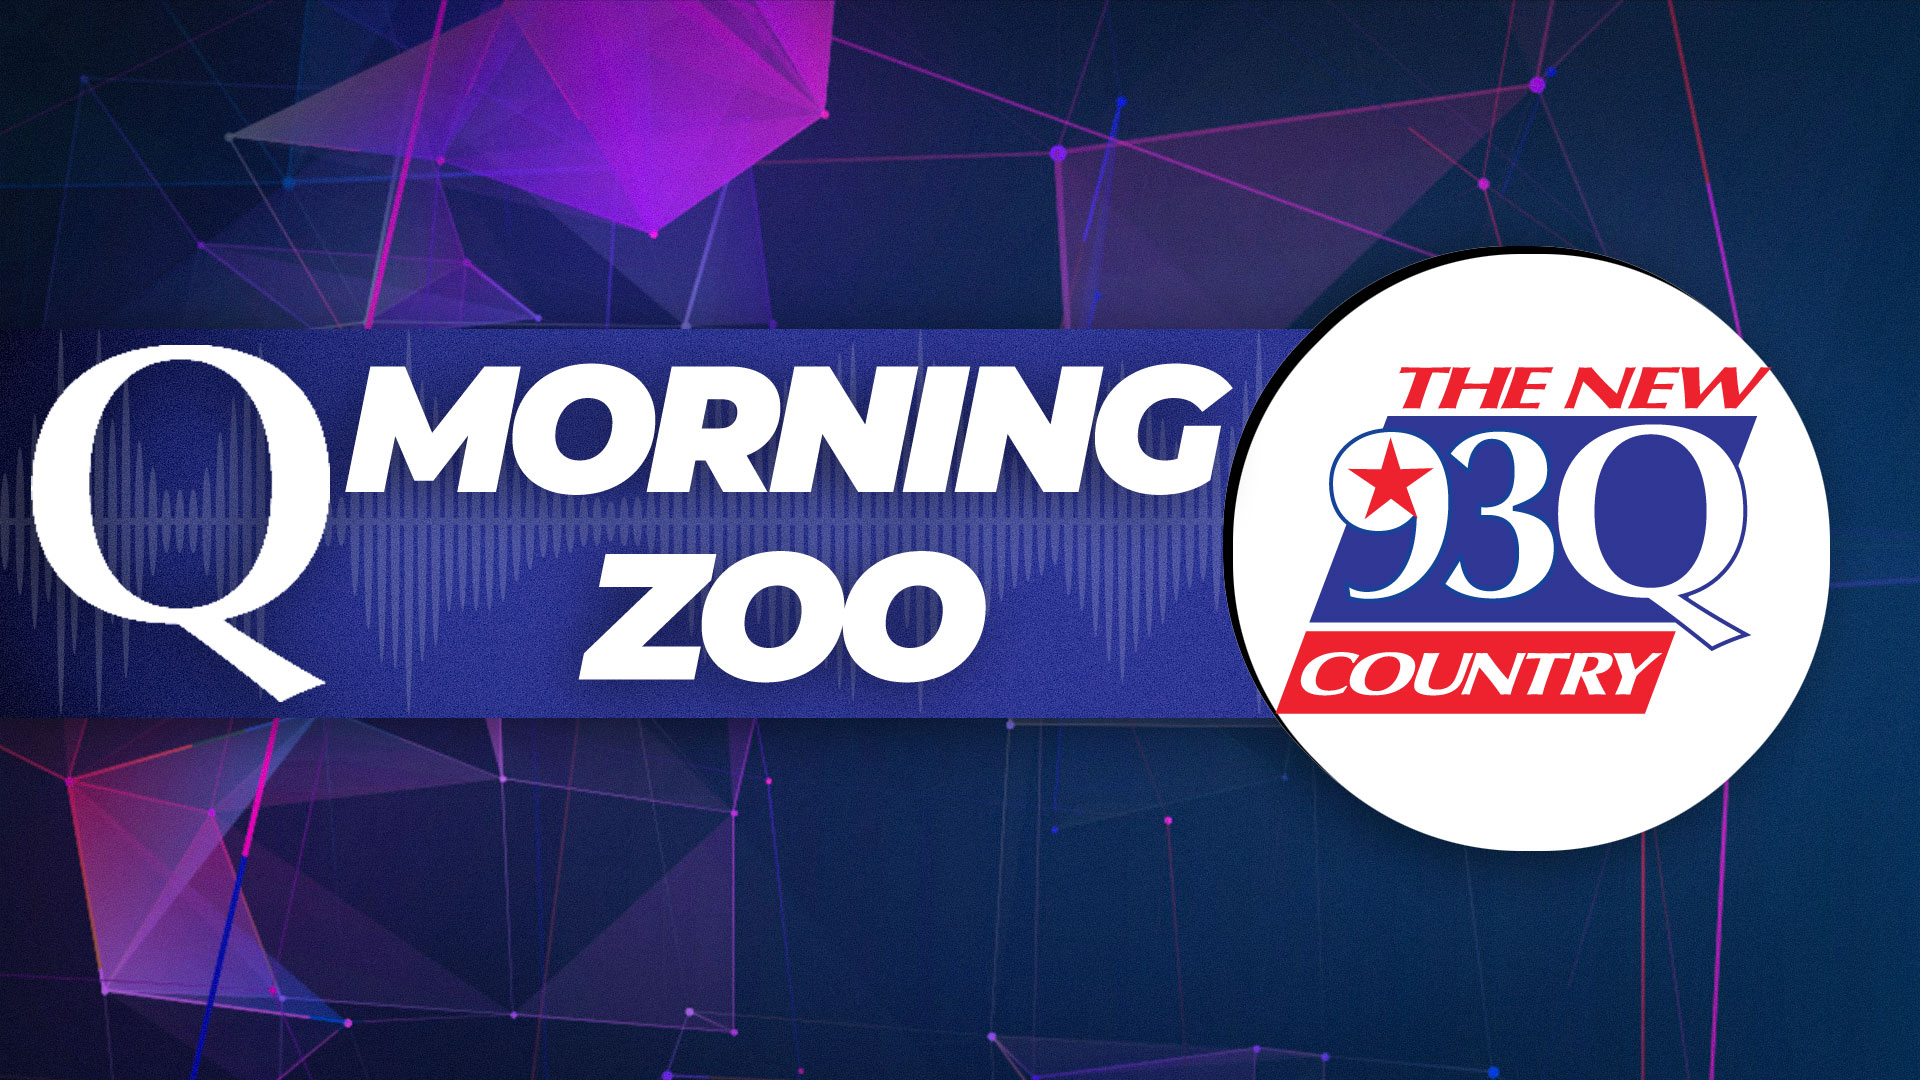 Q Morning Zoo